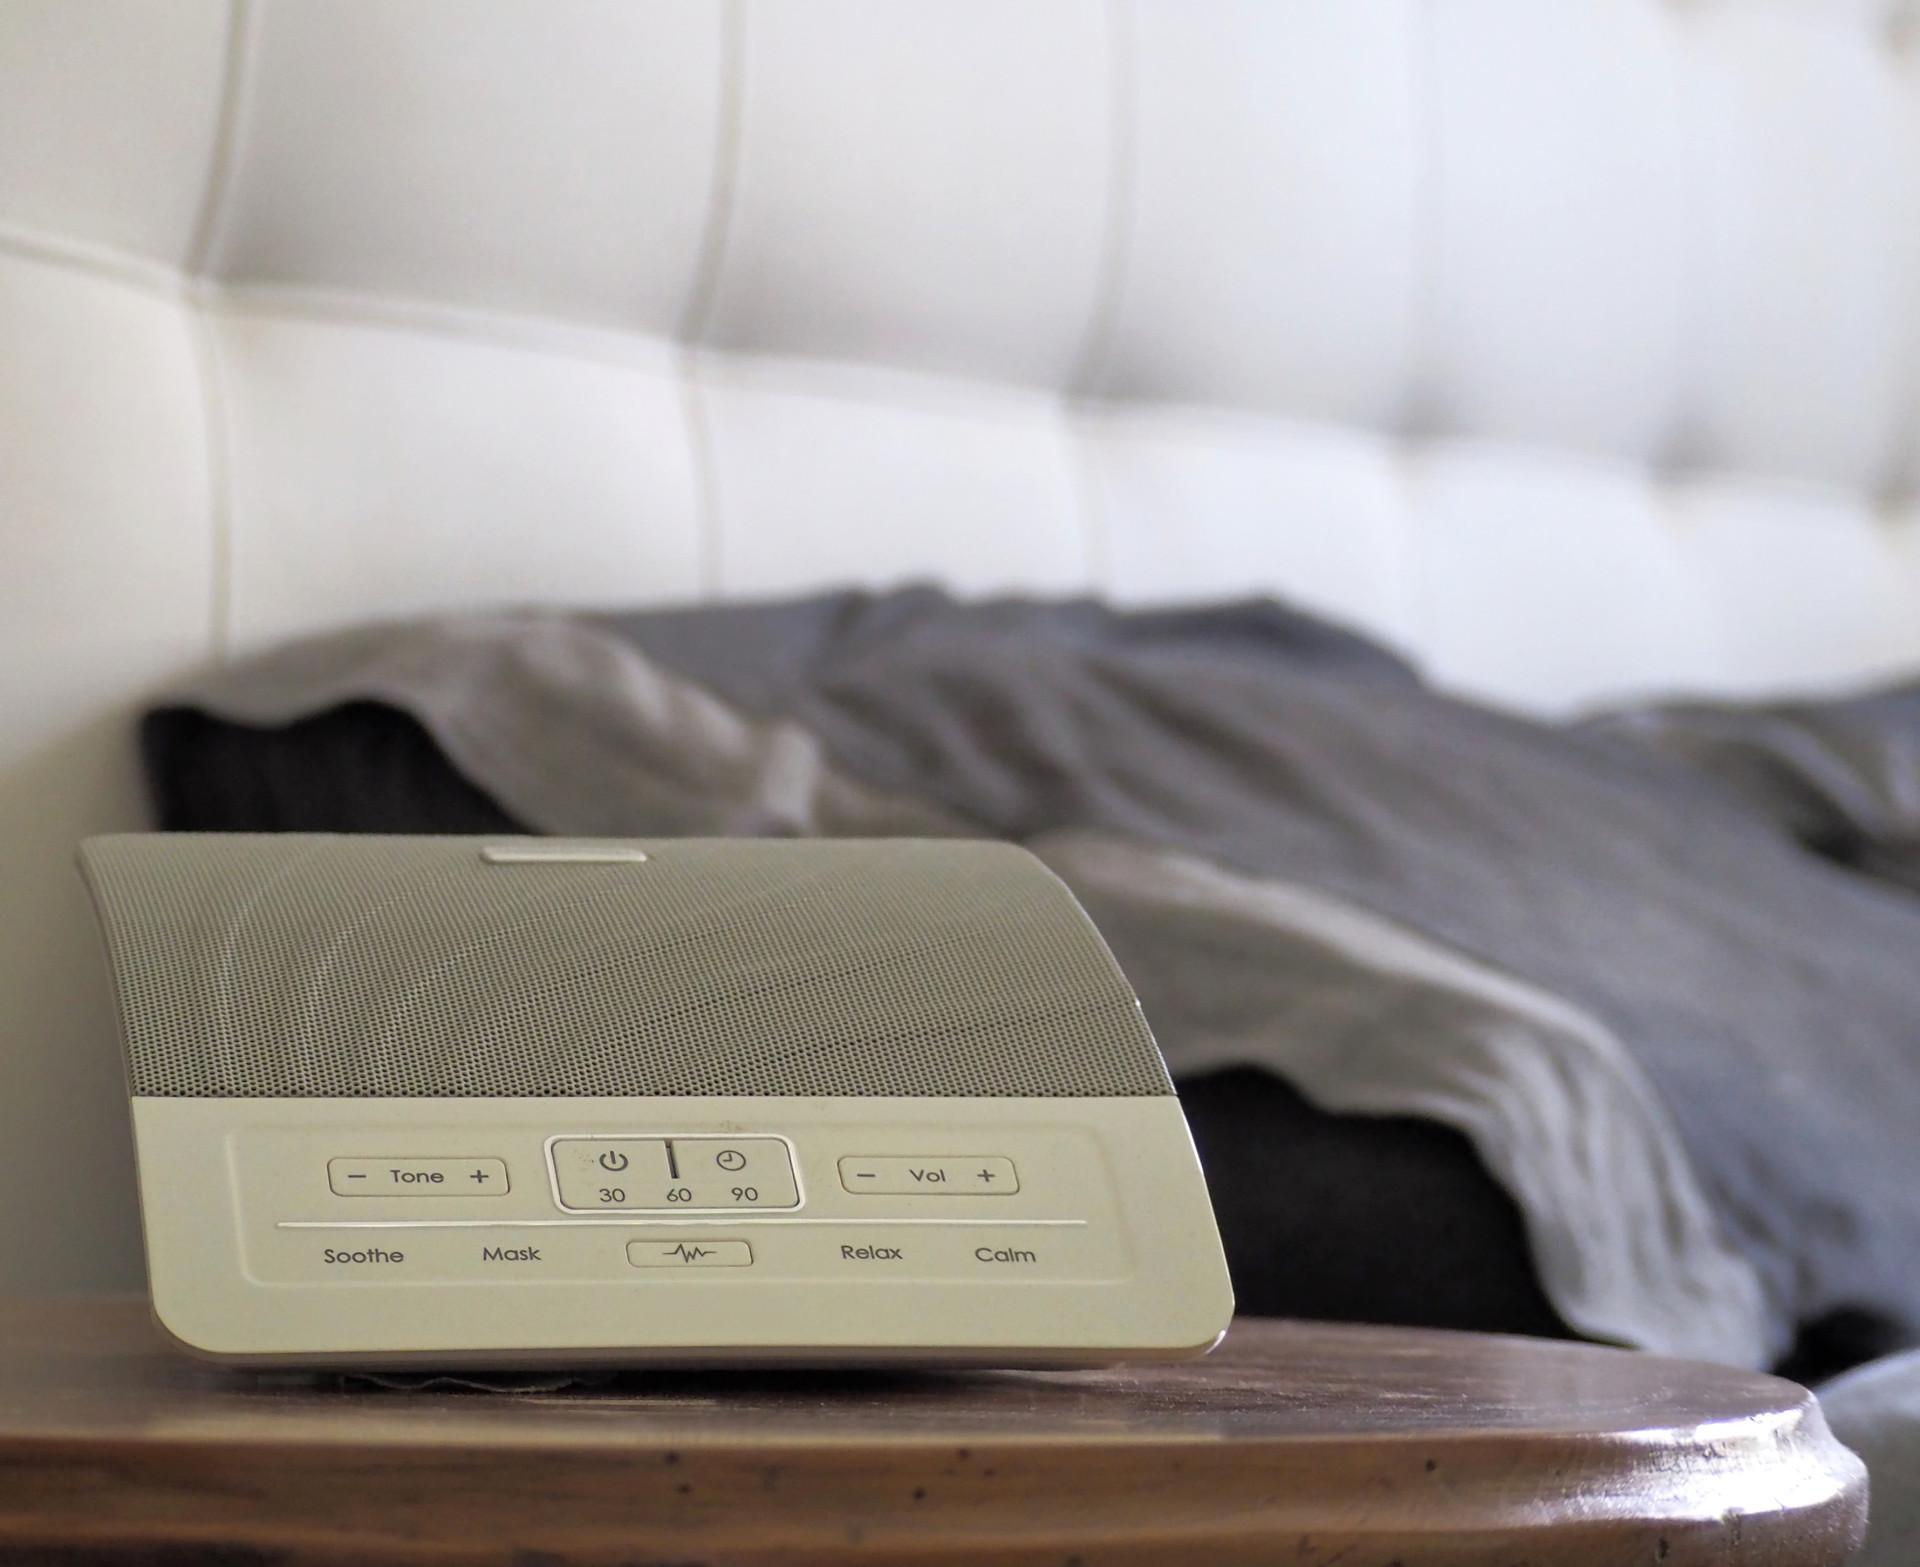 Sofre de insónias? Ouça estes sons para dormir melhor